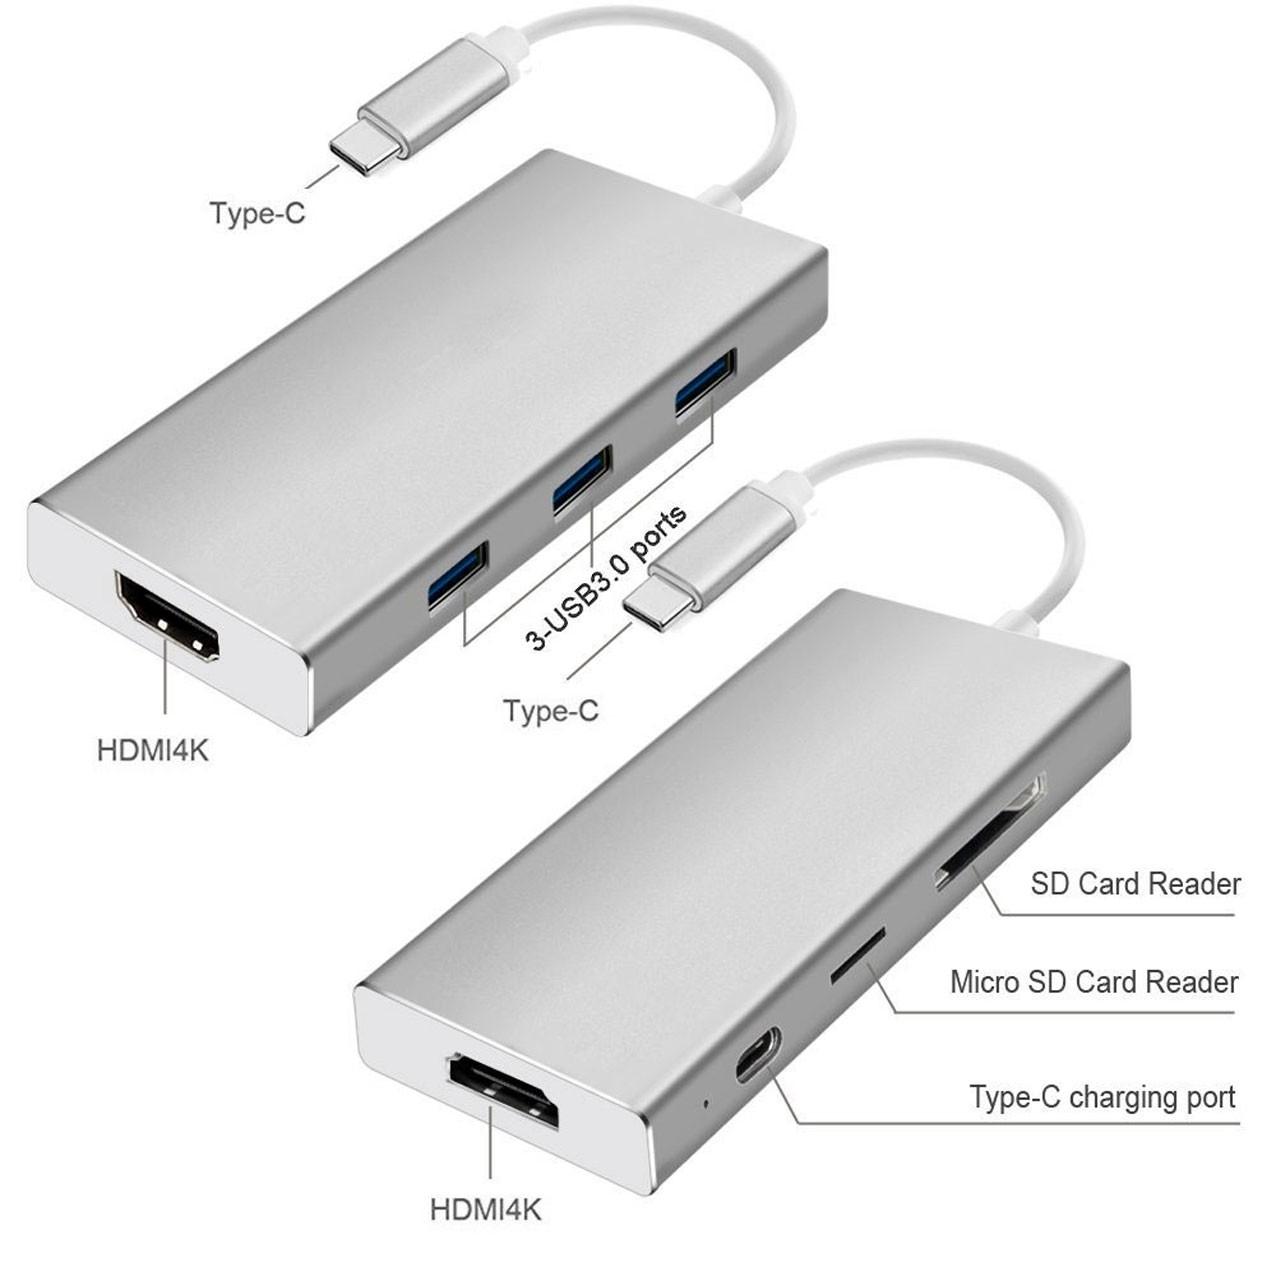 تبدیل Type-c به HDMI 4K به همراه USB 3.0 و رم ریدر